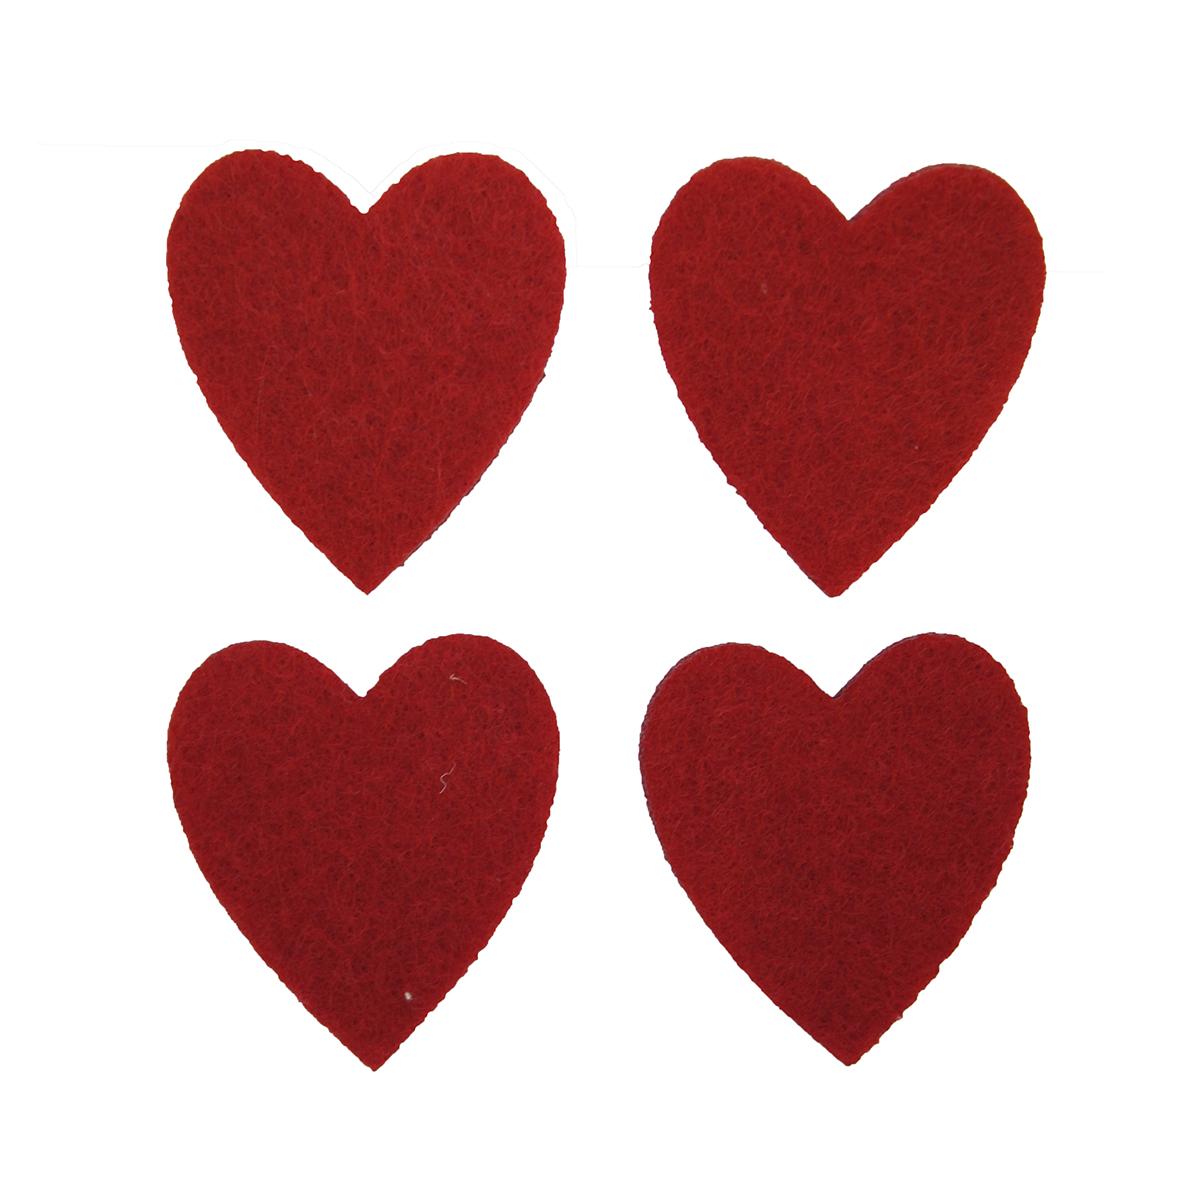 Фигурки из фетра Glorex Сердечки, цвет: красный, 4 x 3,6 см, 12 штC0042416Фетр пользуется большой популярностью среди рукодельниц. Его любят за эстетичный вид, практичность и отличную текстуру. Из данного материала вашему вниманию предлагаются заготовки Glorex. Широкое разнообразие цветов и форм поможет реализовать творческие задумки и гармоничным образом дополнить ваше творение. Из фетра можно создавать обложки для книг, ежедневников, игрушки, декоративные чехлы для подушек и многое, многое другое.